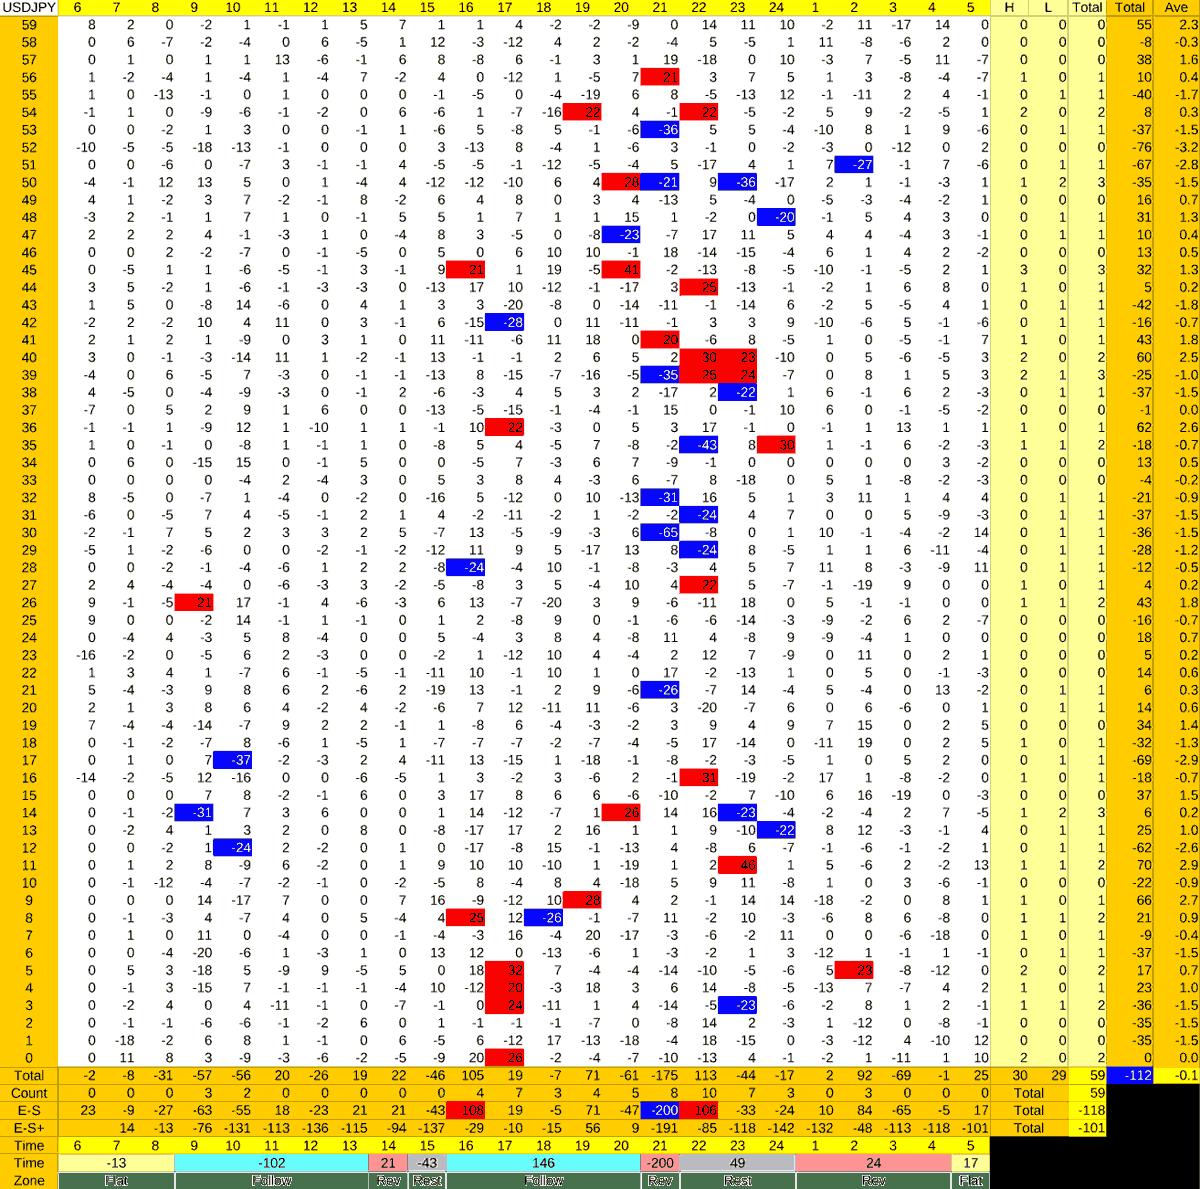 20210722_HS(1)USDJPY-min